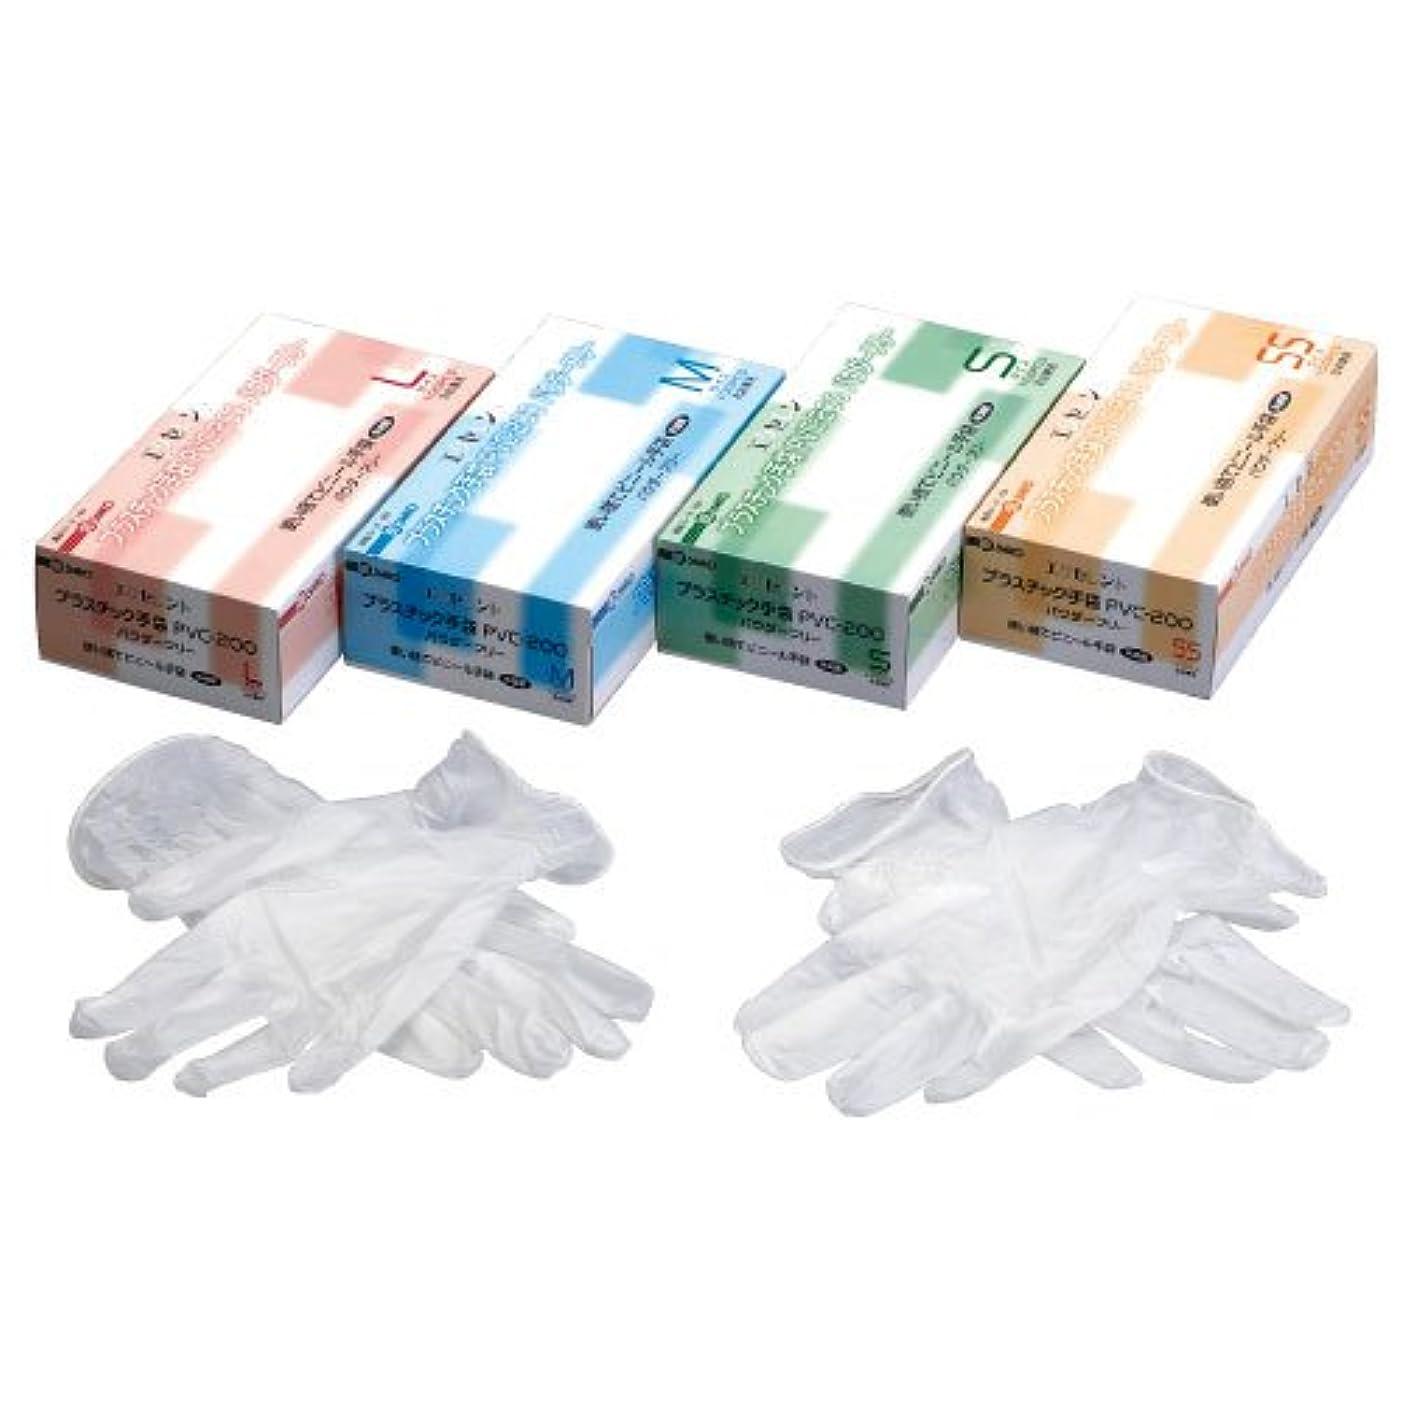 バースト毎日部屋を掃除するエクセレントプラスチックグローブPF PVC-200(100マイ)ミメッキン M